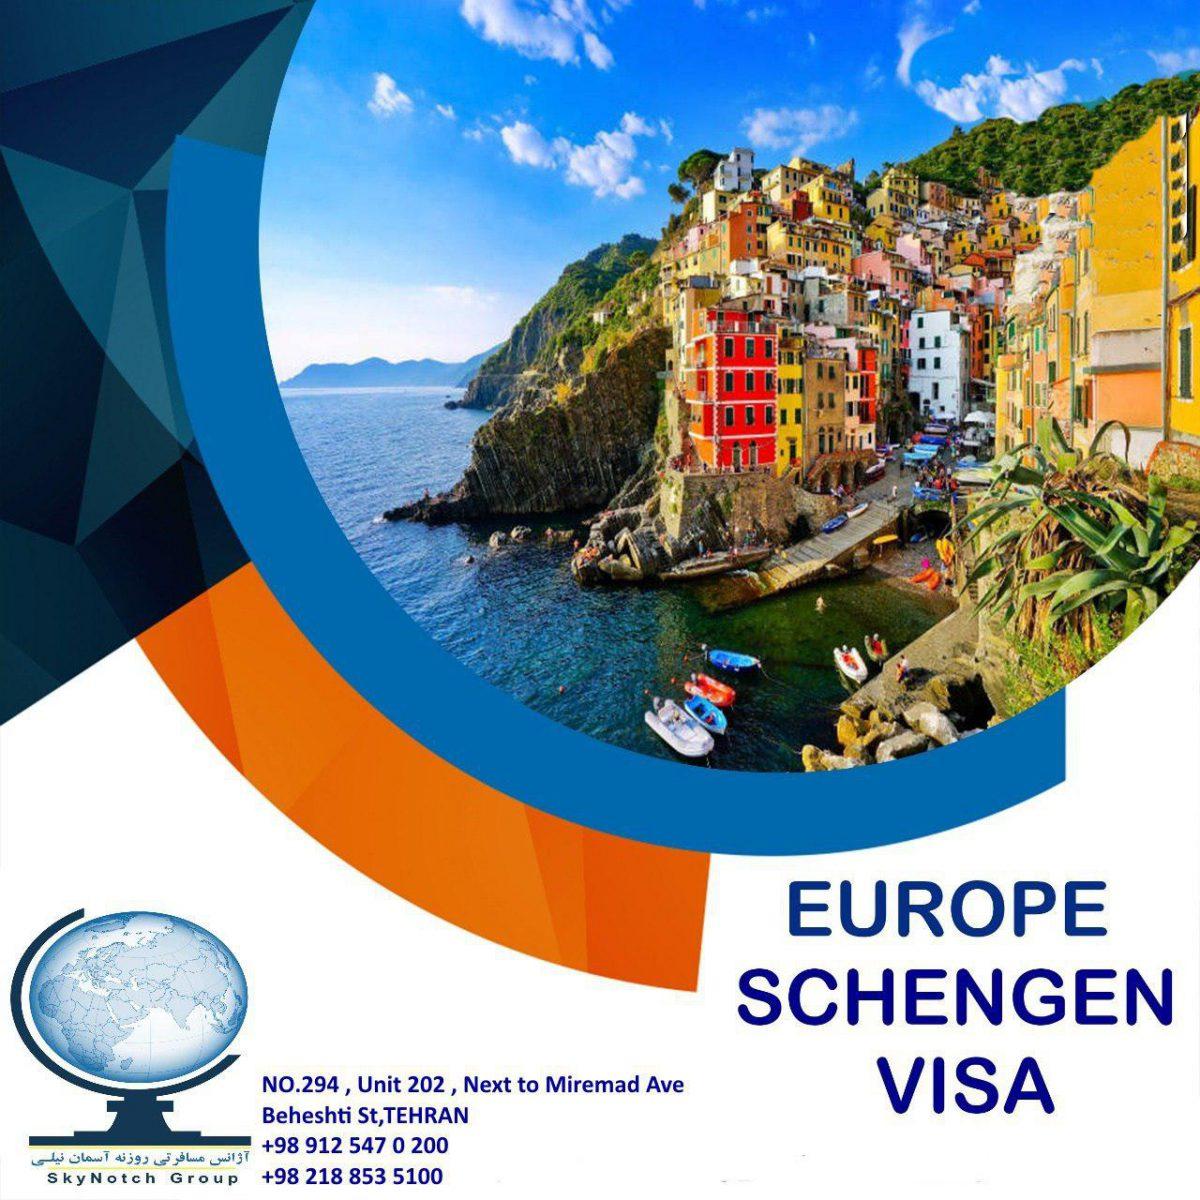 خدمات تخصصی تور و اخذ ویزا ، تسویه پس از اخذ ویزا